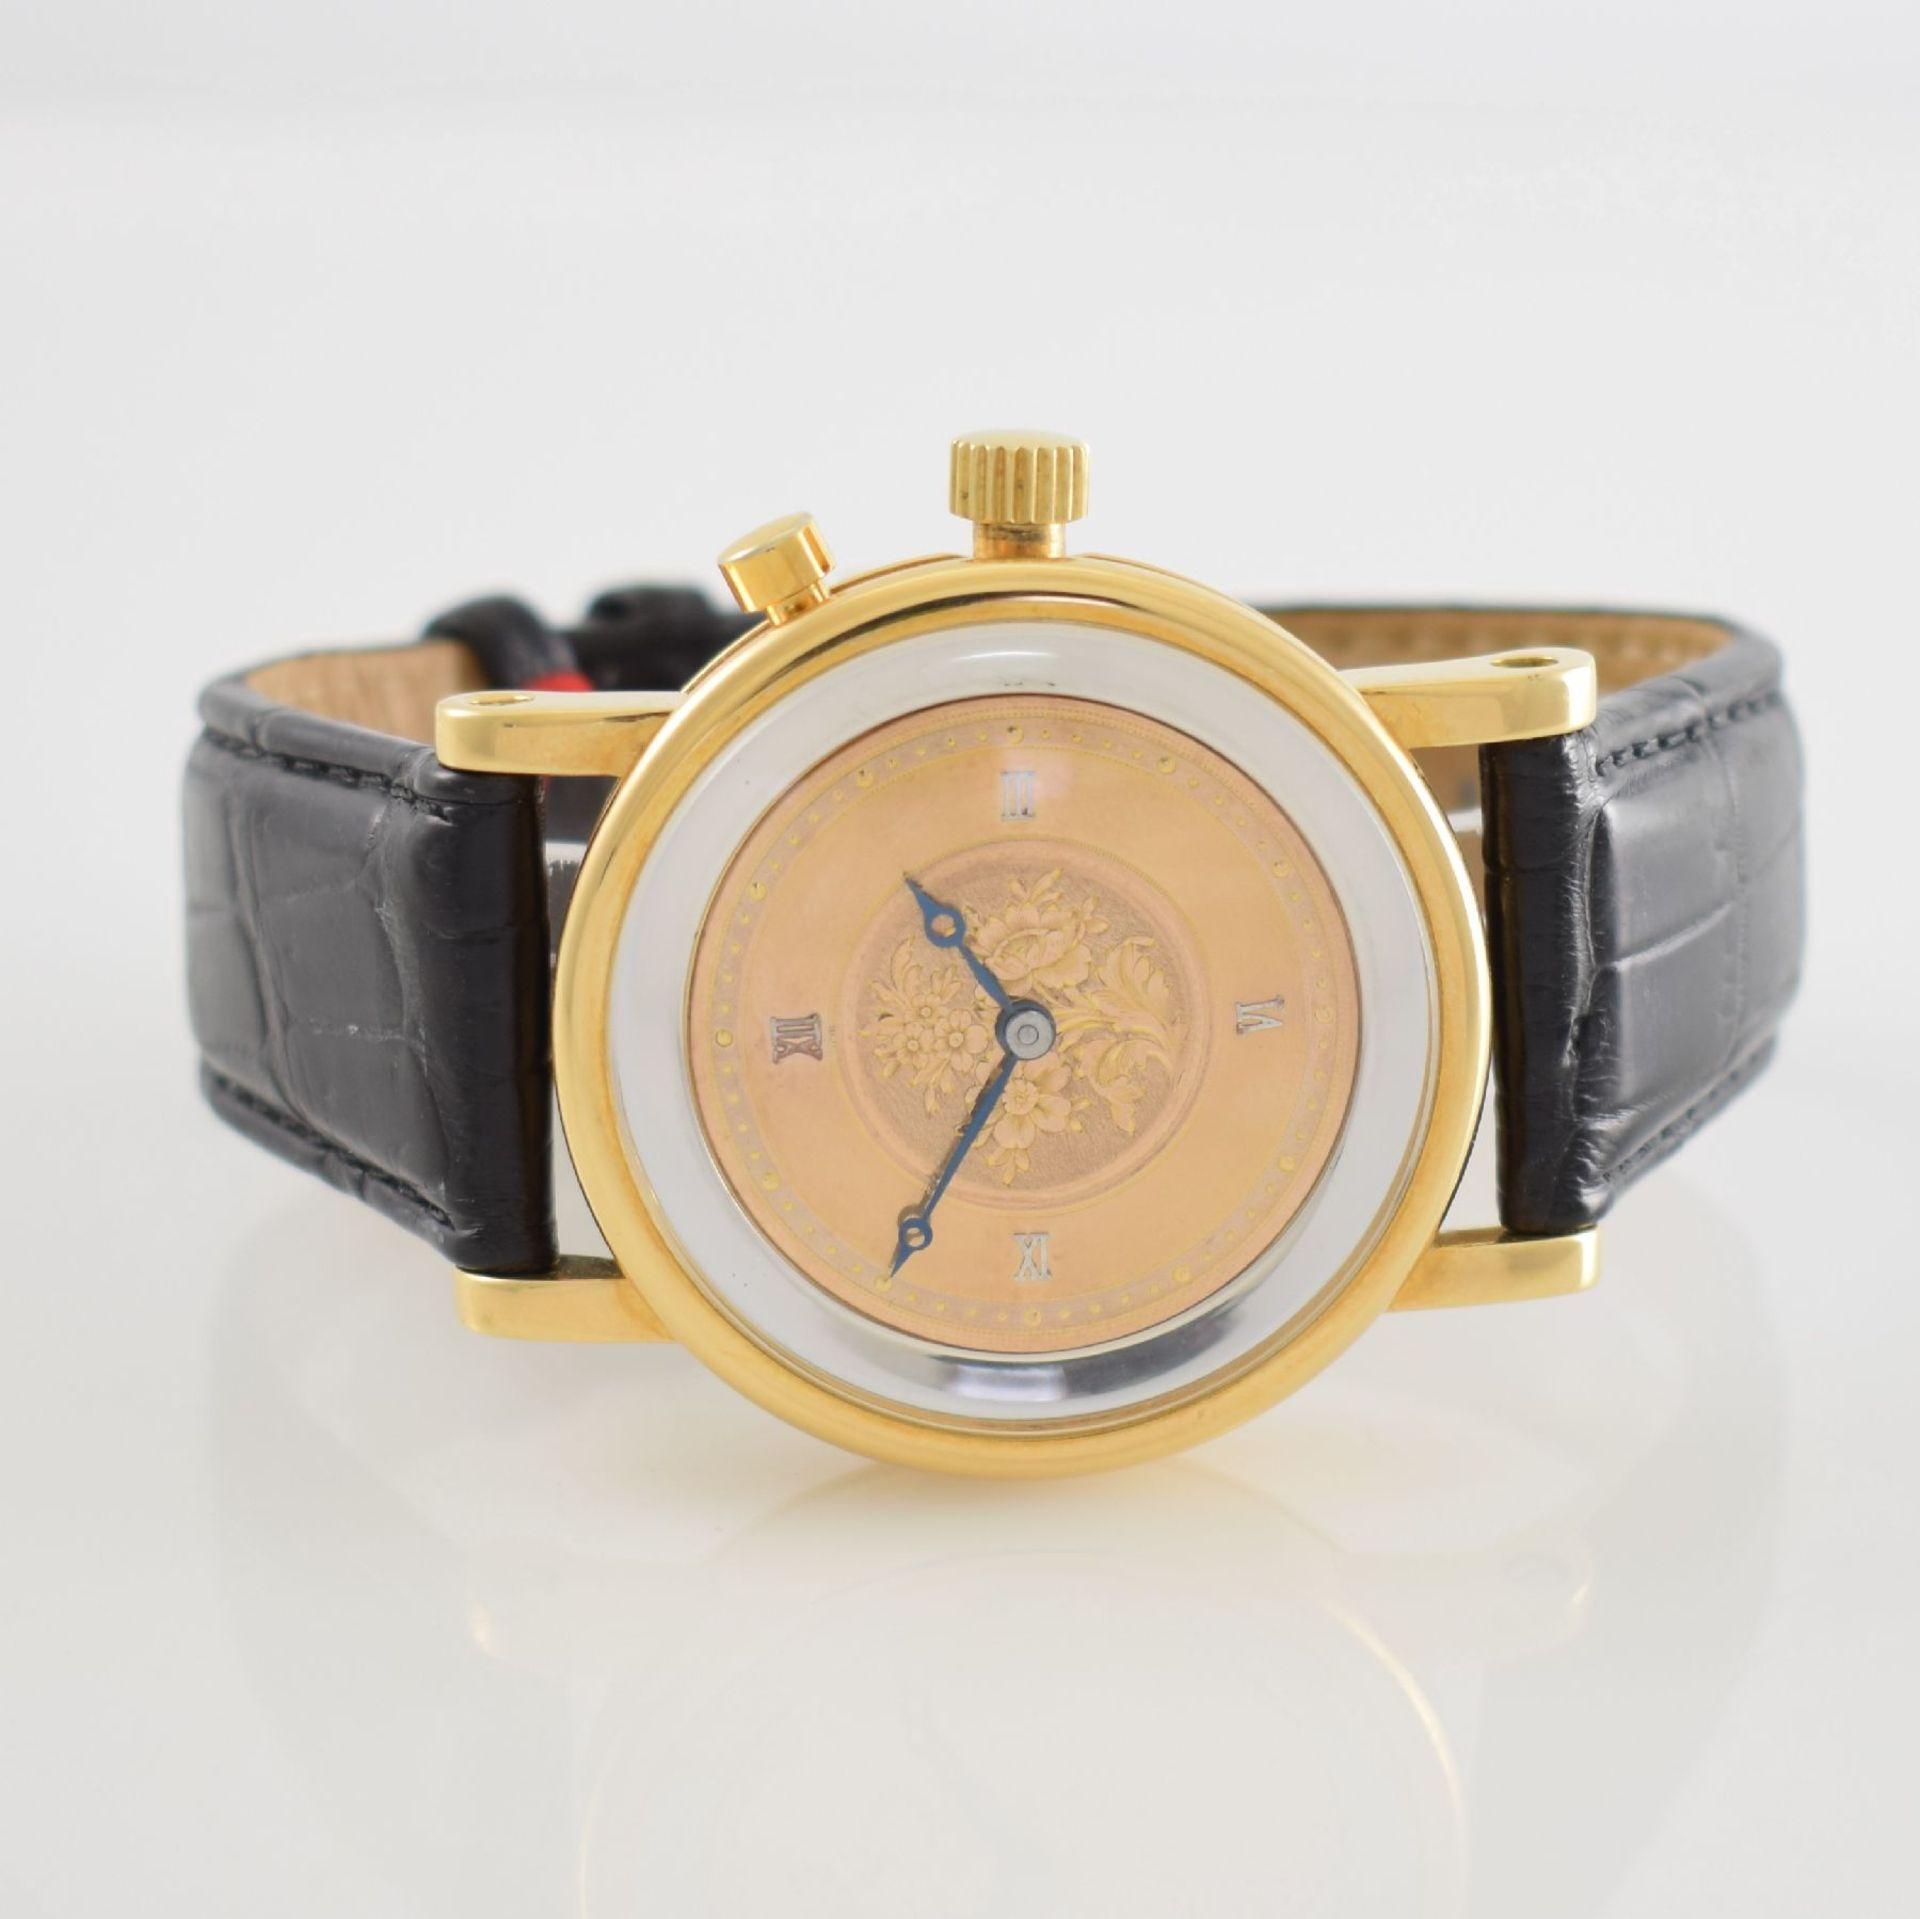 Taschenuhrwerk mit 1/4 Repetition umgebaut zur Armbanduhr in GG 750/000 Gehäuse, Handaufzug,